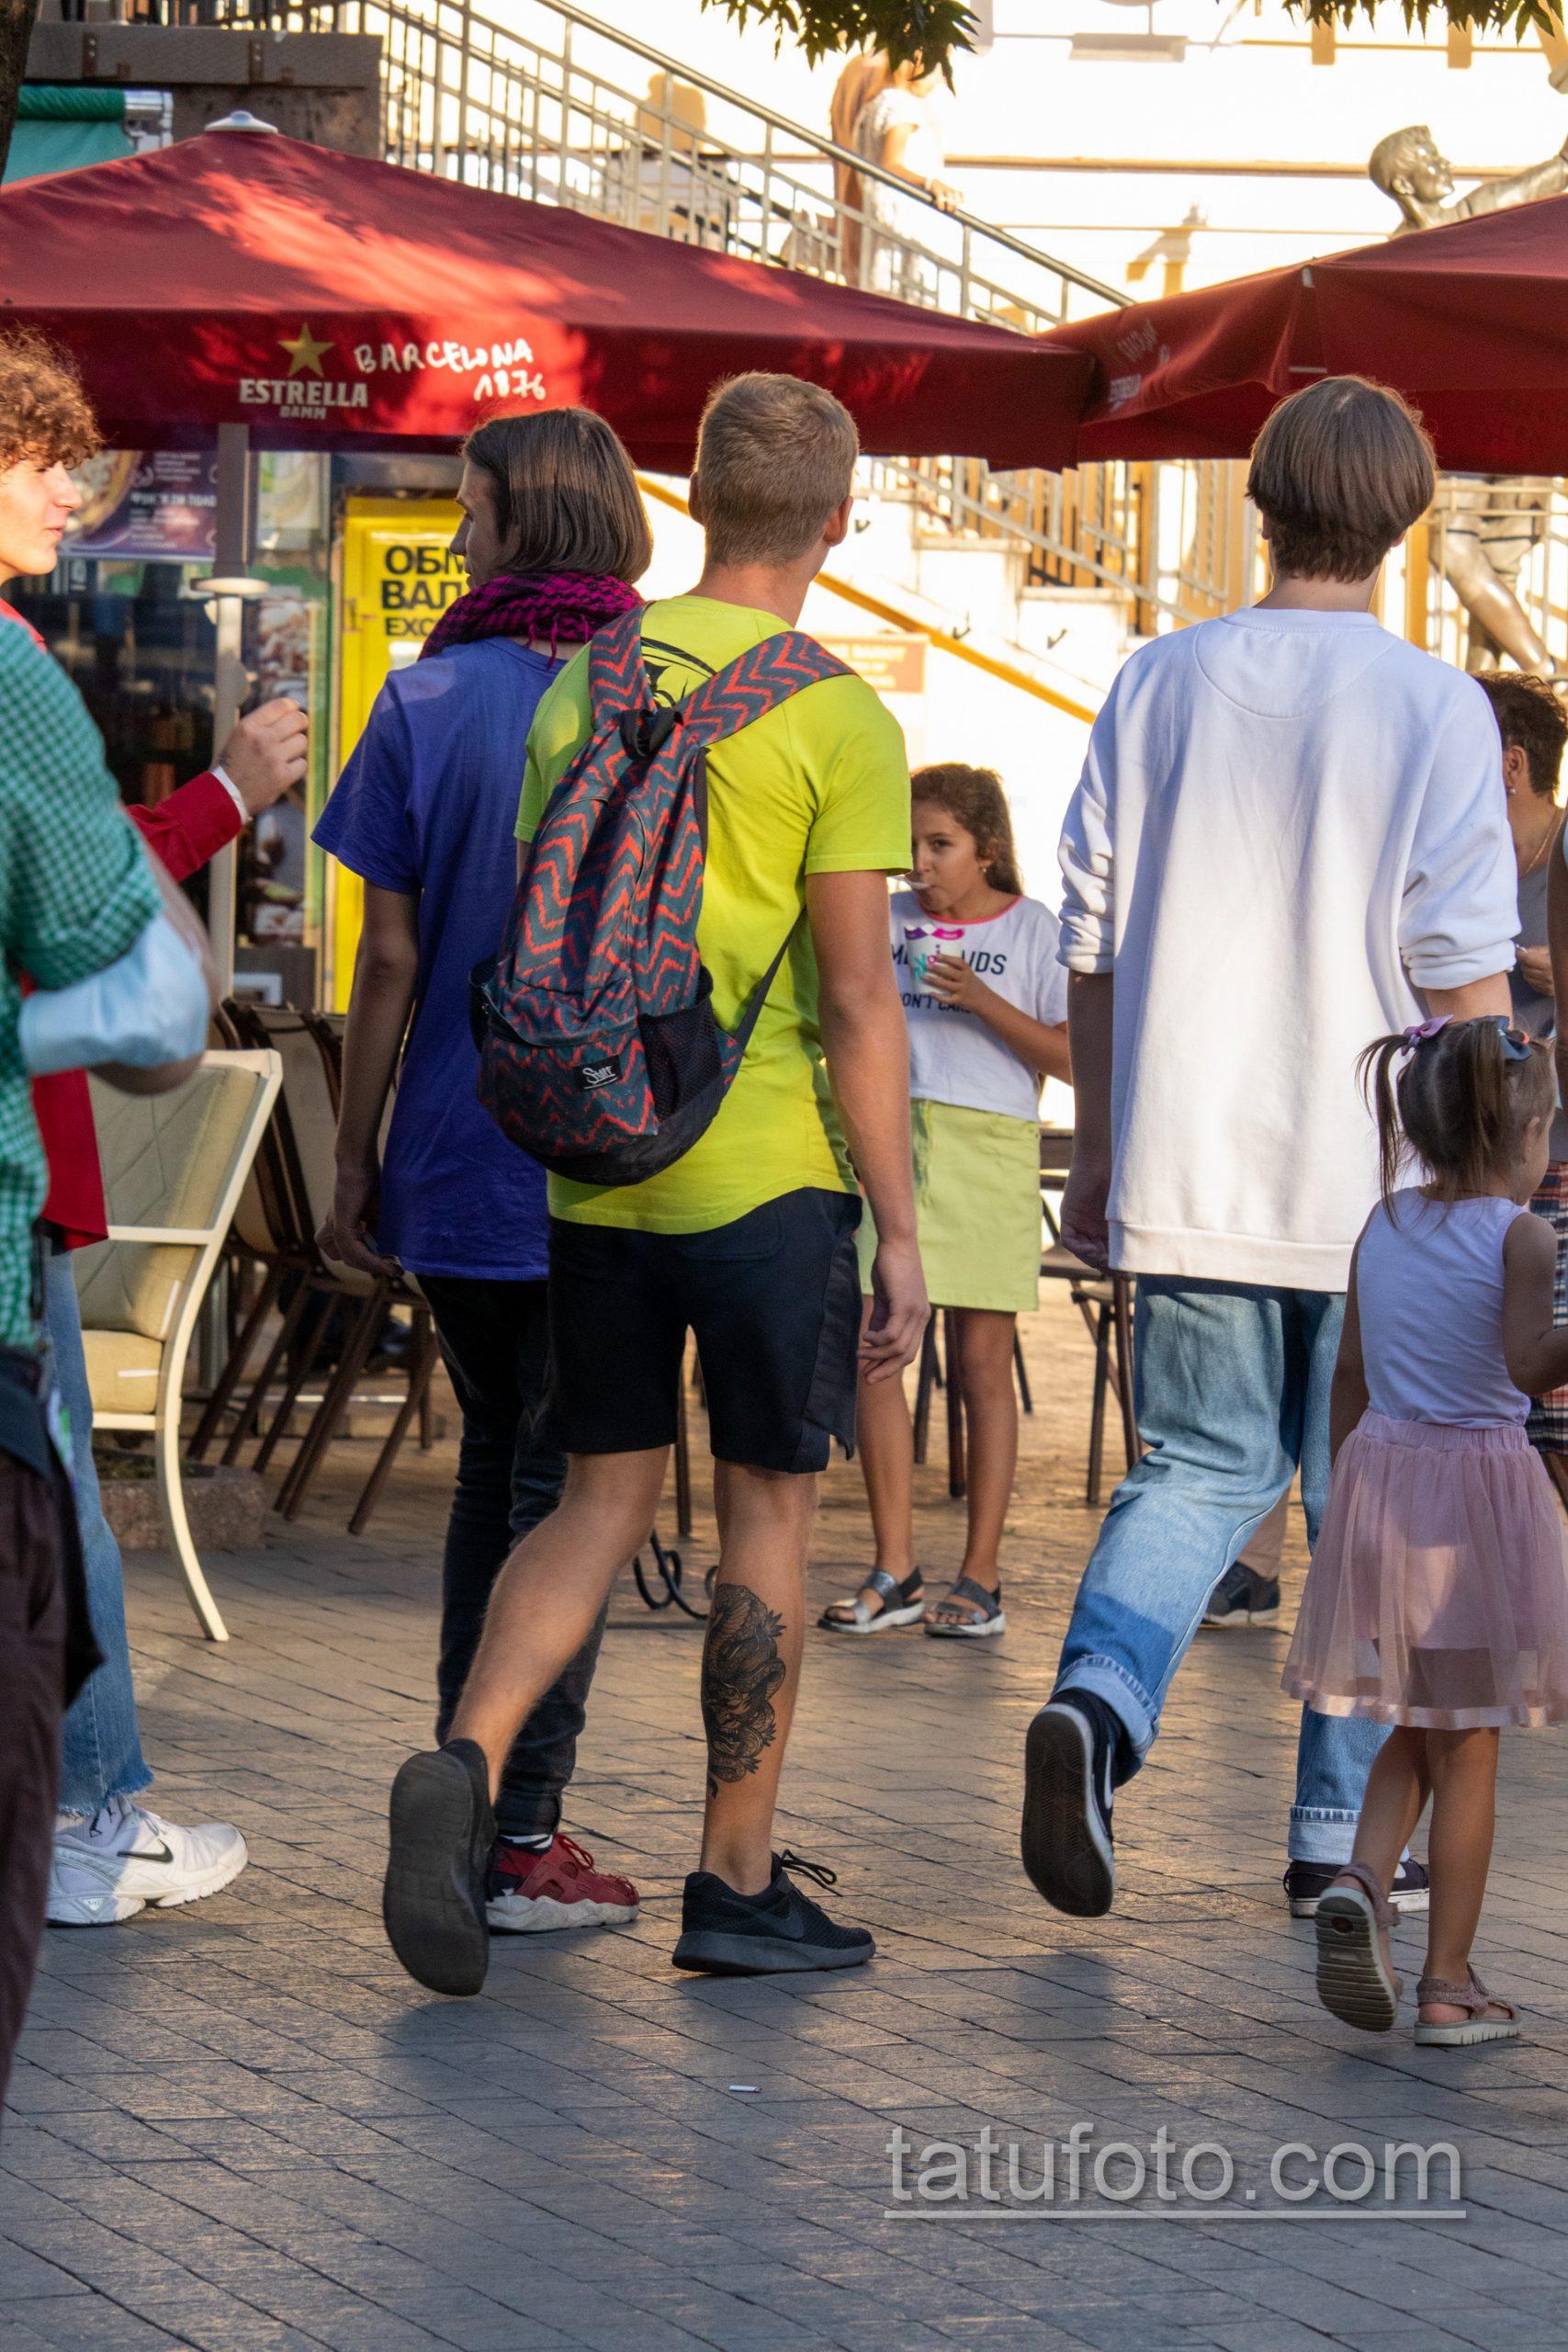 Тату маска японского демона и кобра внизу ноги парня – Уличная татуировка 14.09.2020 – tatufoto.com 4